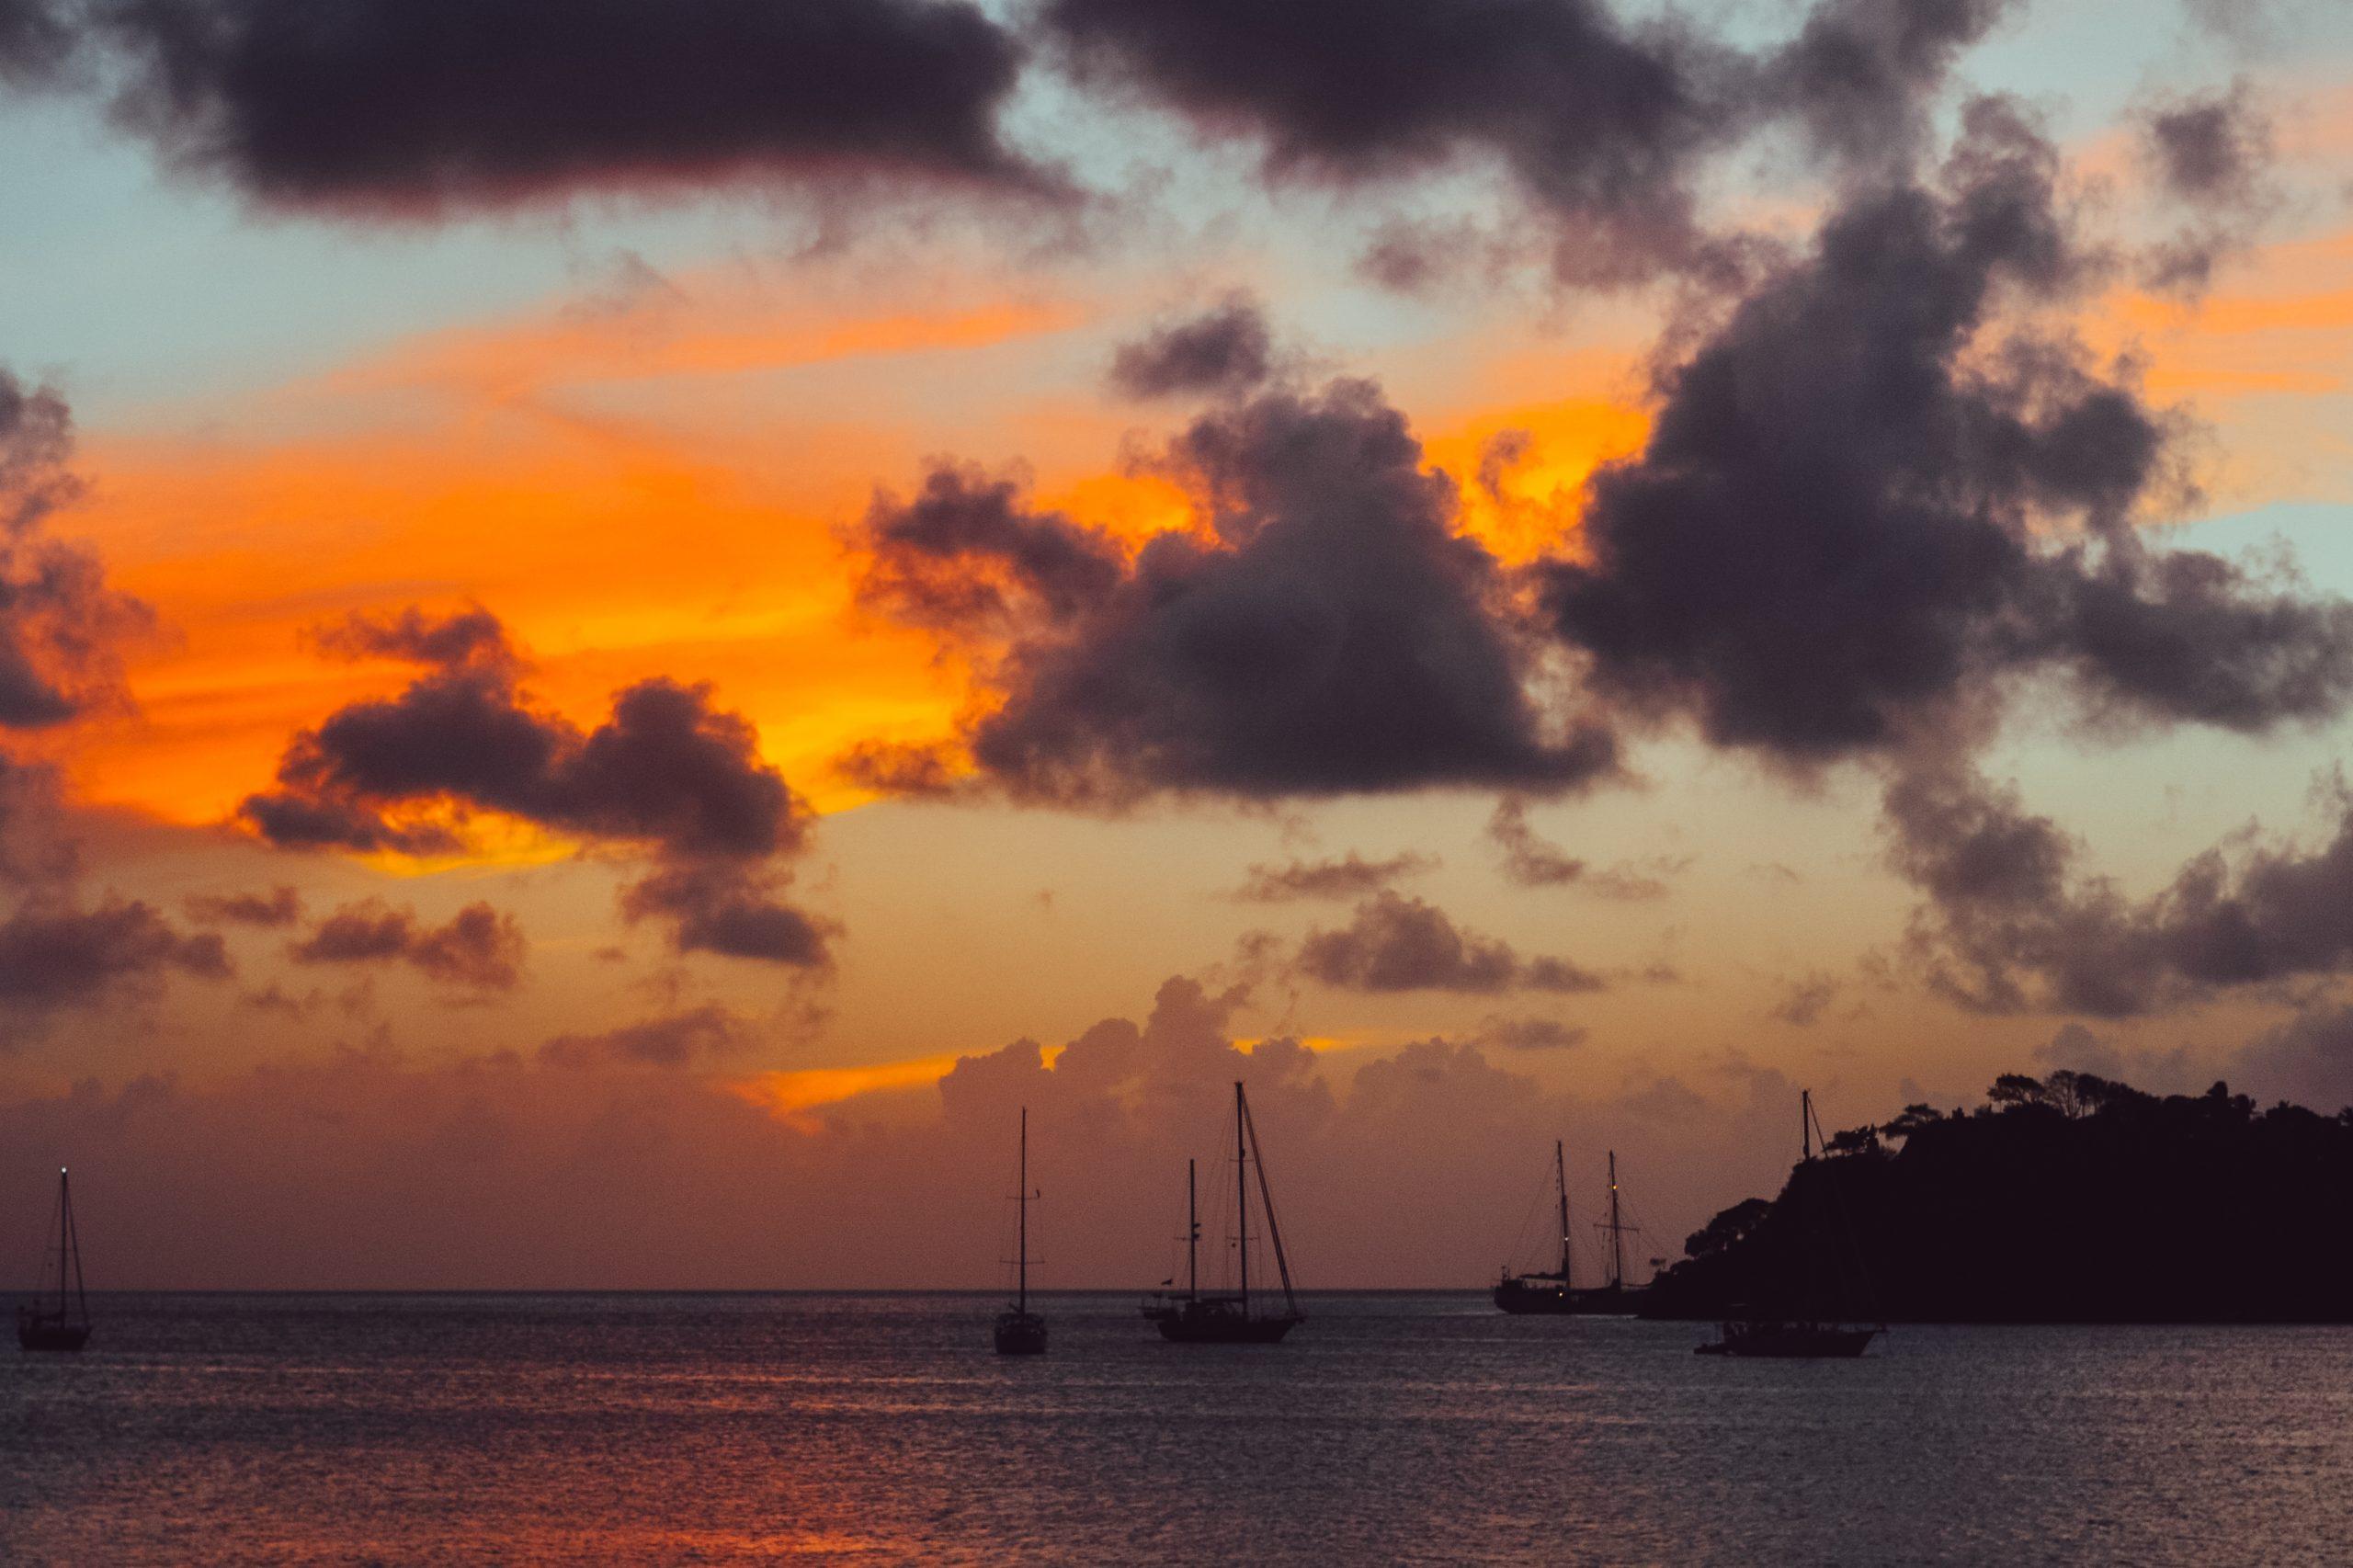 denia experiencia puesta de sol espectacular